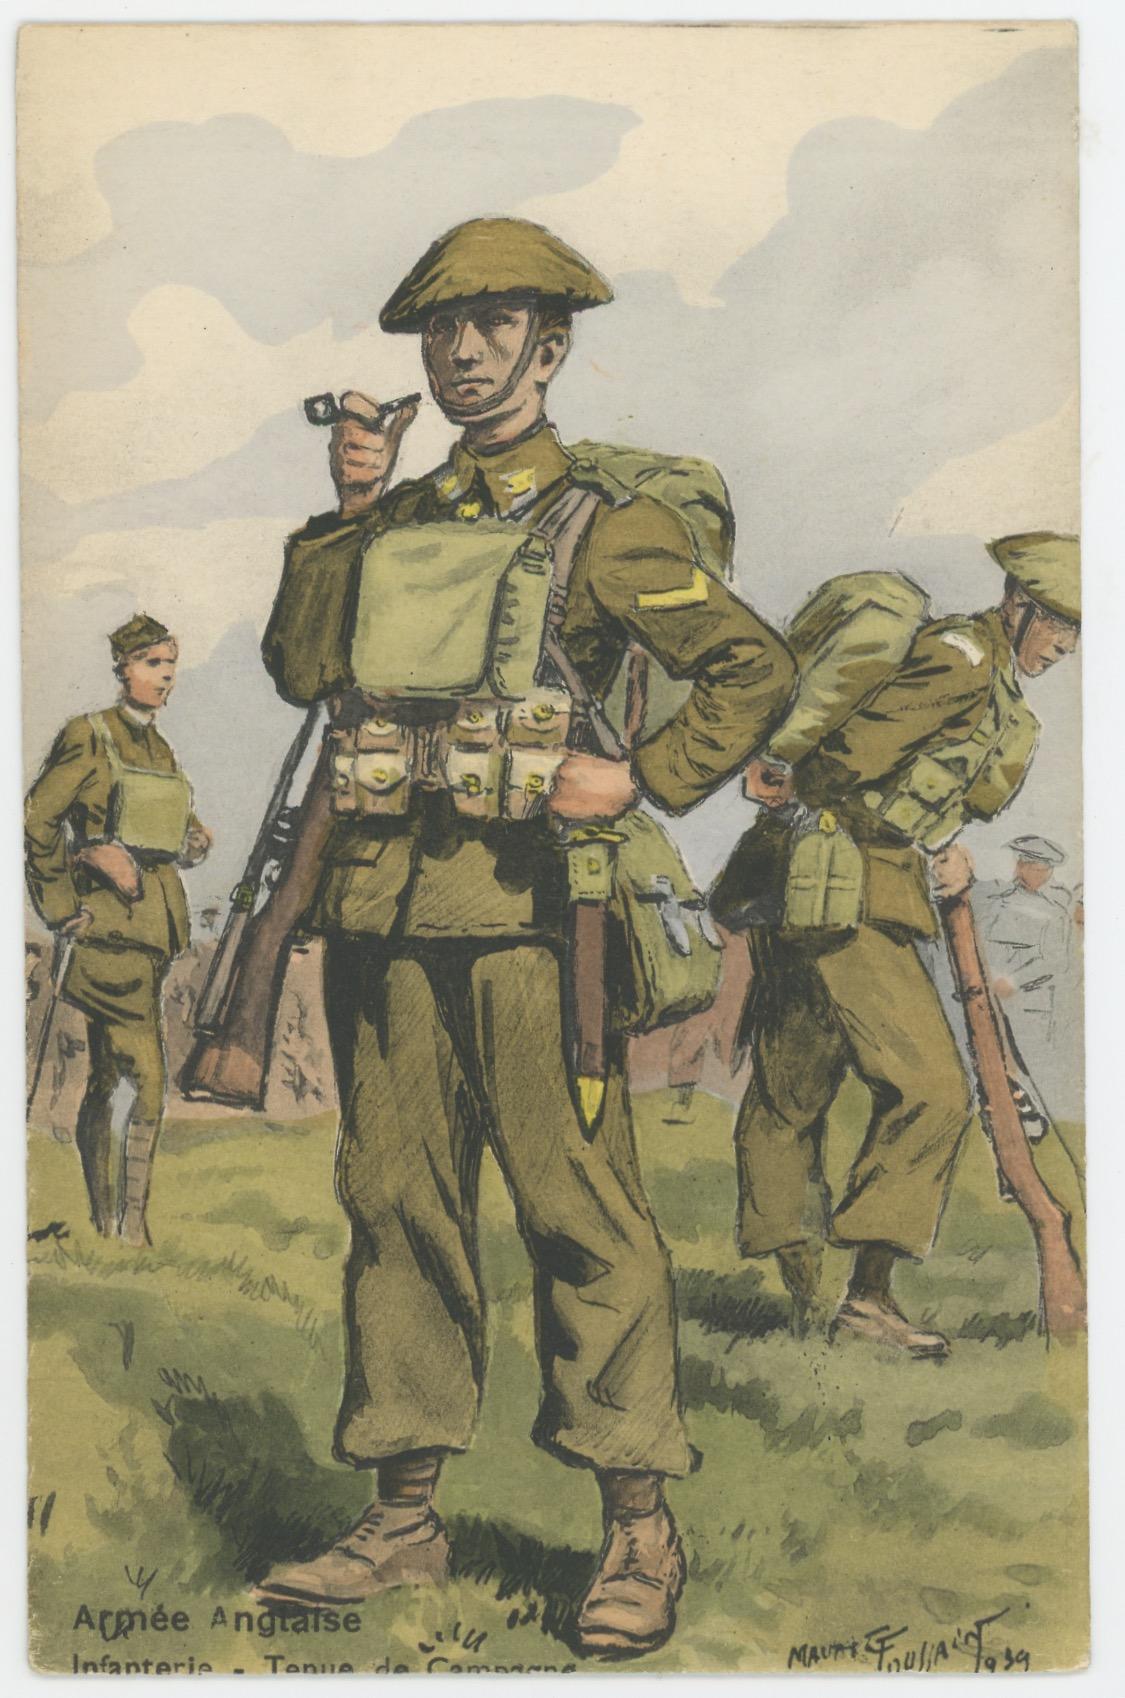 Armée Anglaise - Infanterie- Tenue de Campagne - 1939 - Maurice Toussaint - Uniforme